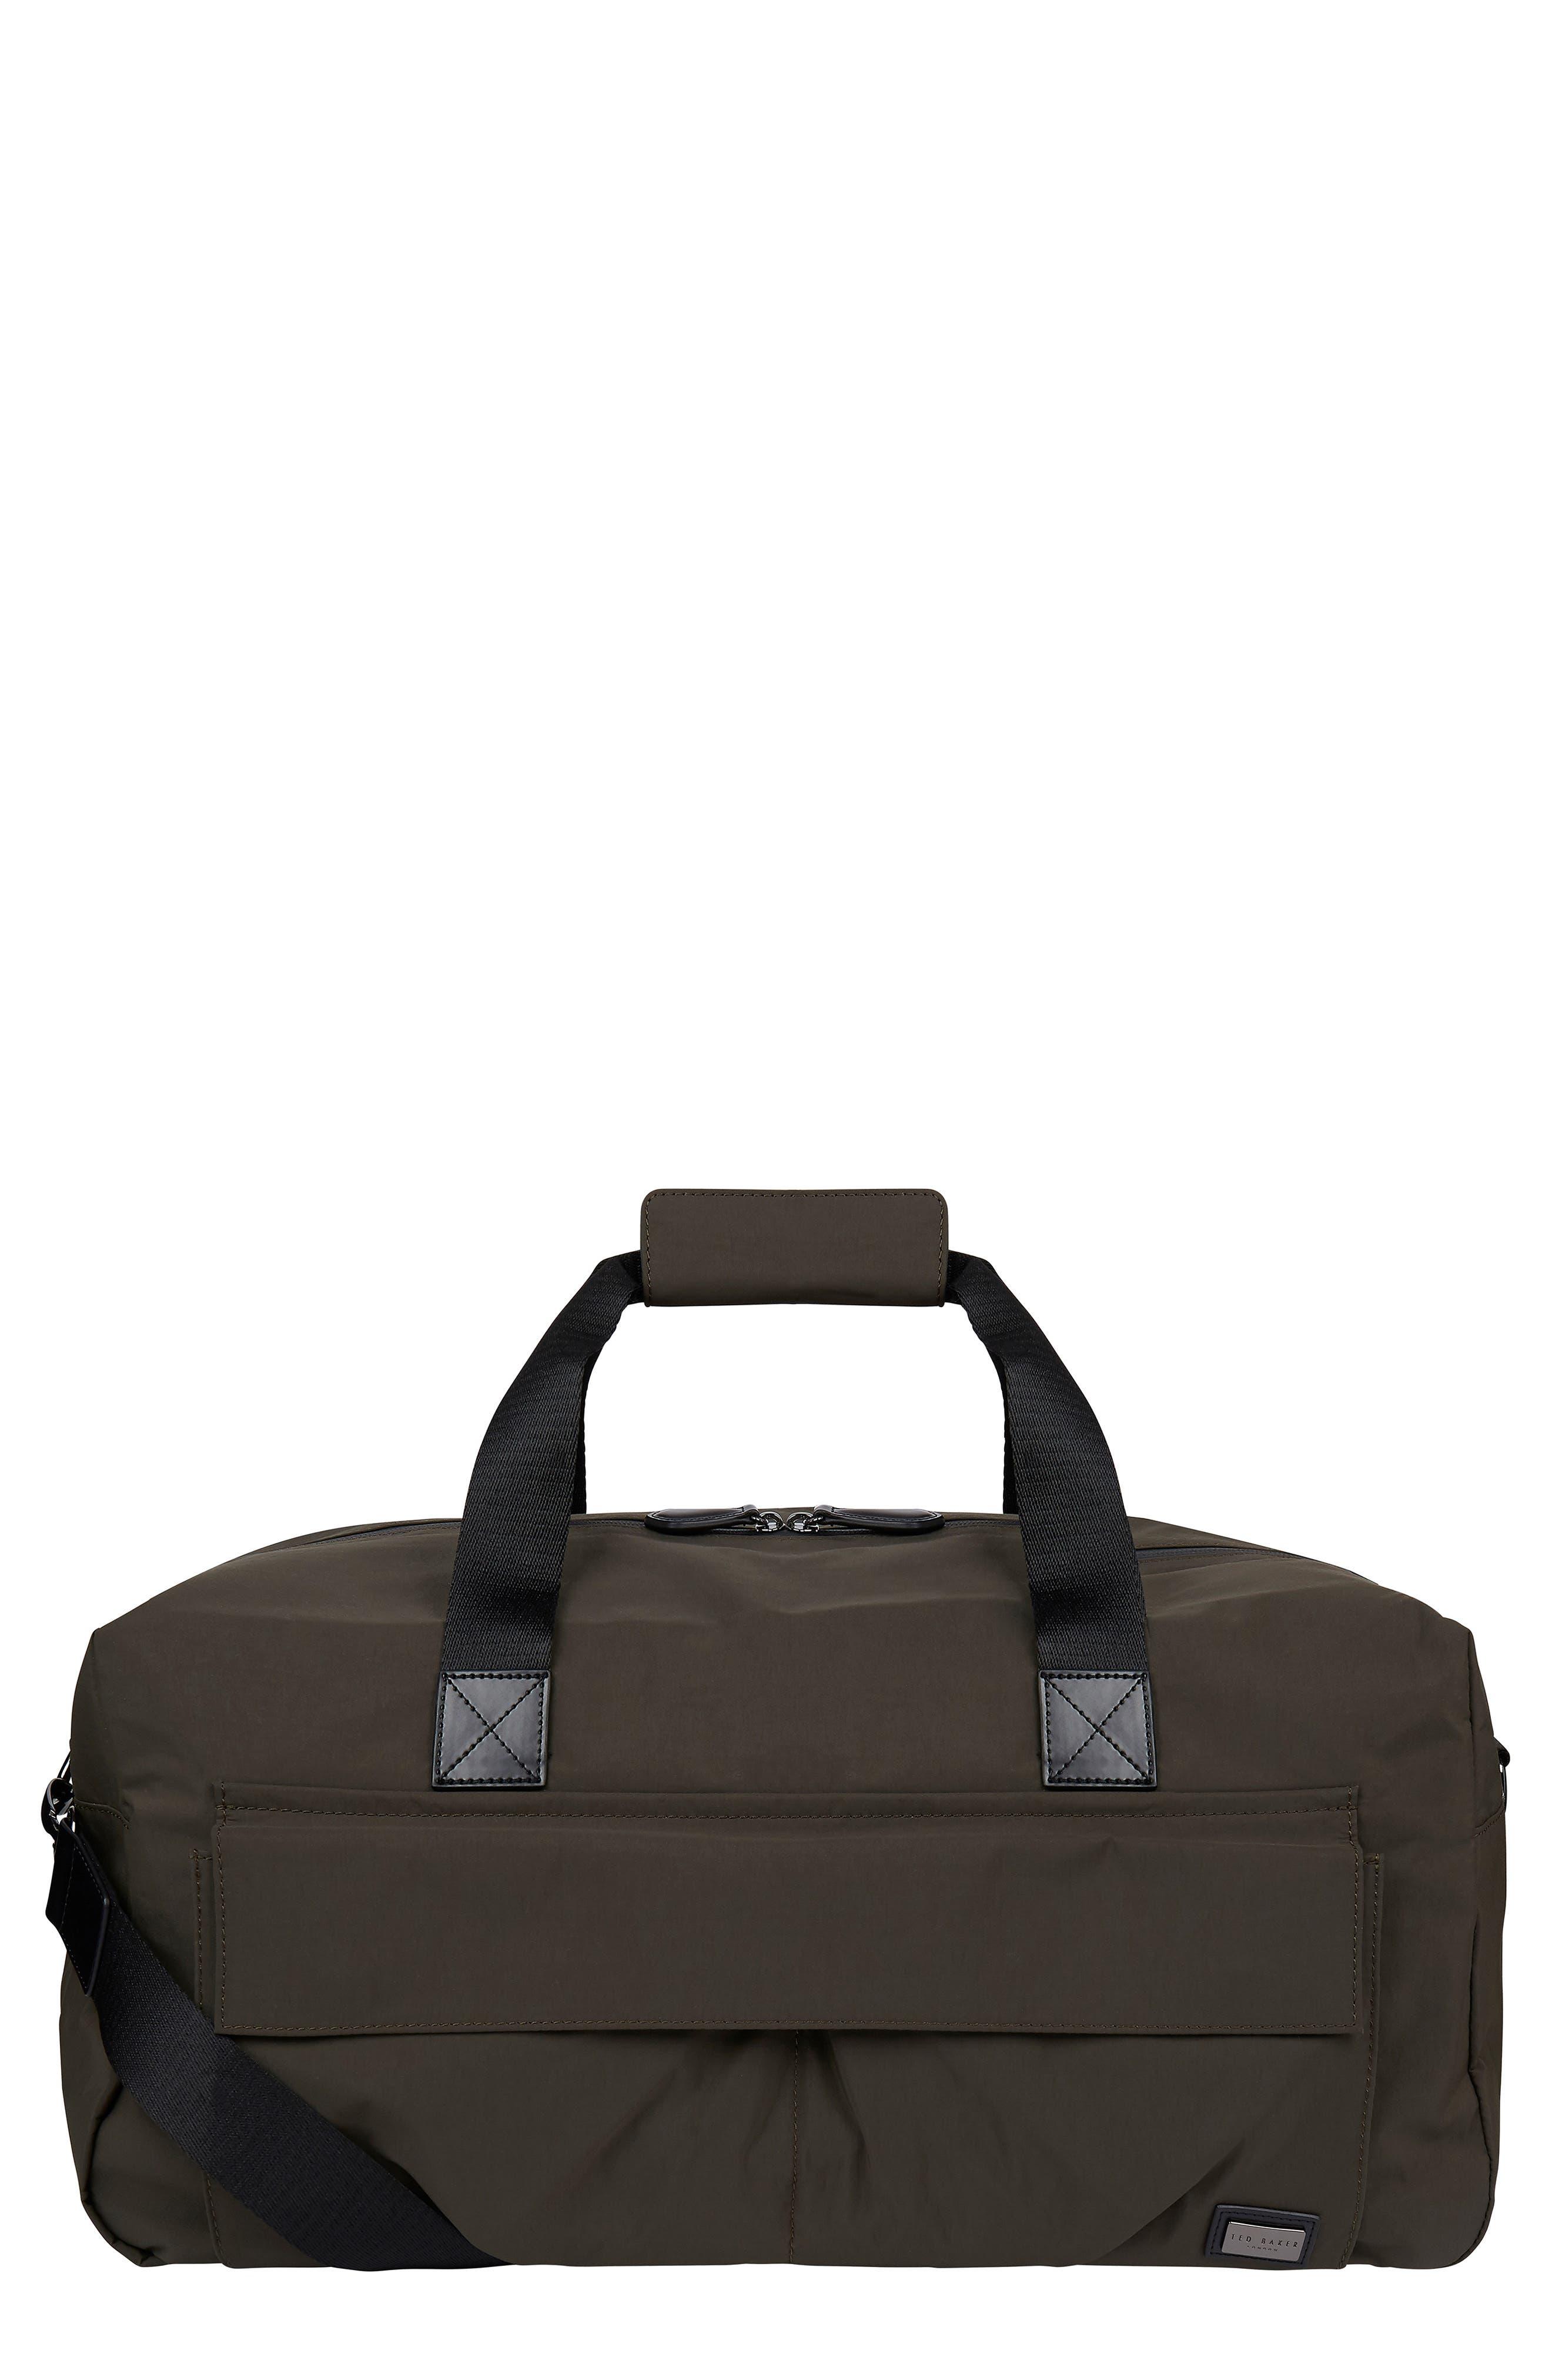 Nylon Holdall Duffle Bag